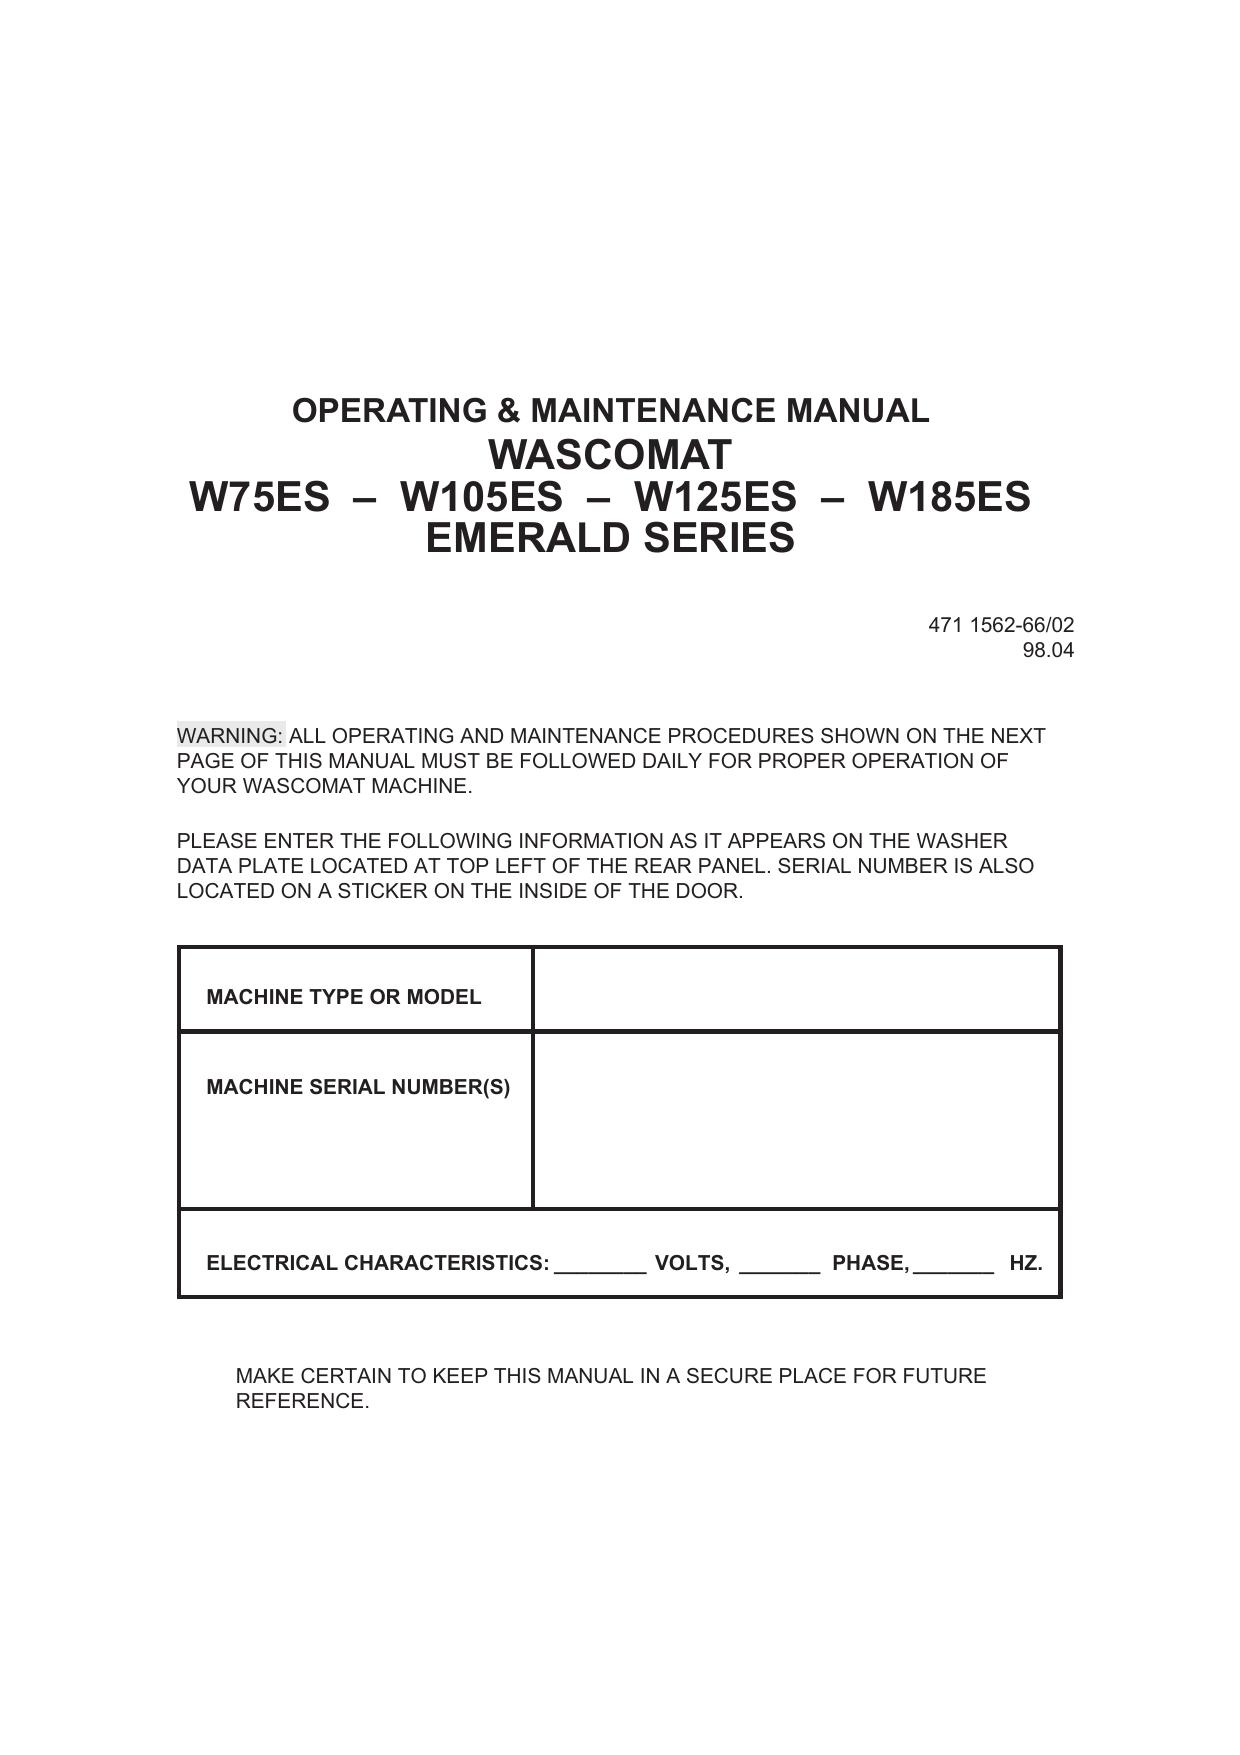 2005 mazda 6 haynes online repair manual select access Array - toshiba 1350  copier manual ebook rh toshiba 1350 copier manual ebook zettadata so